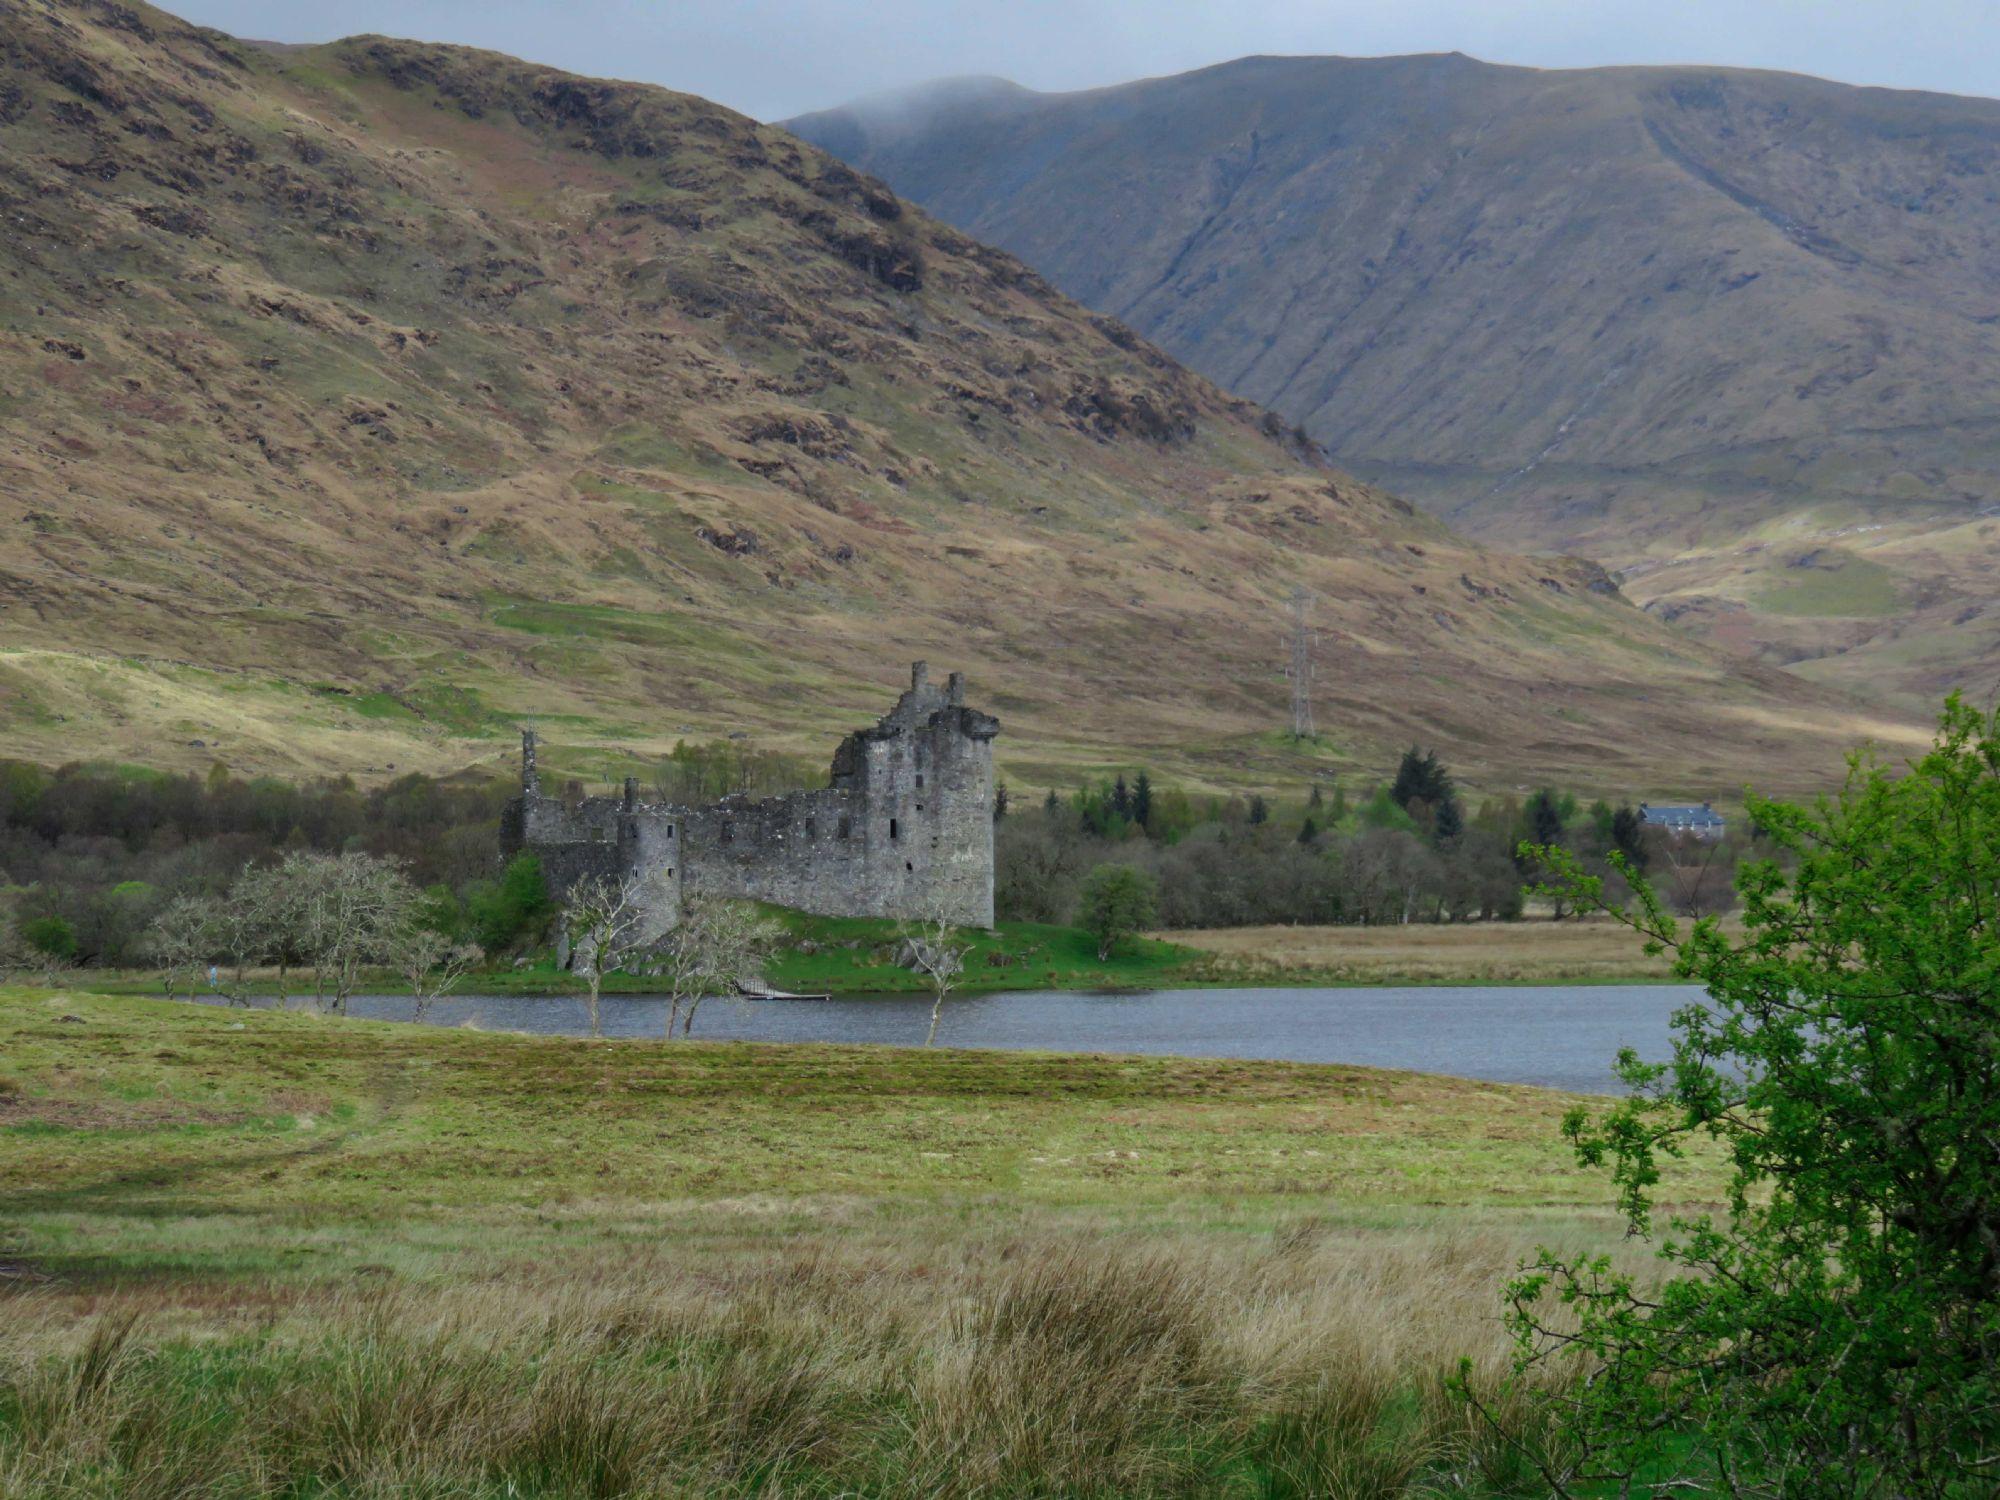 Castle with landscape